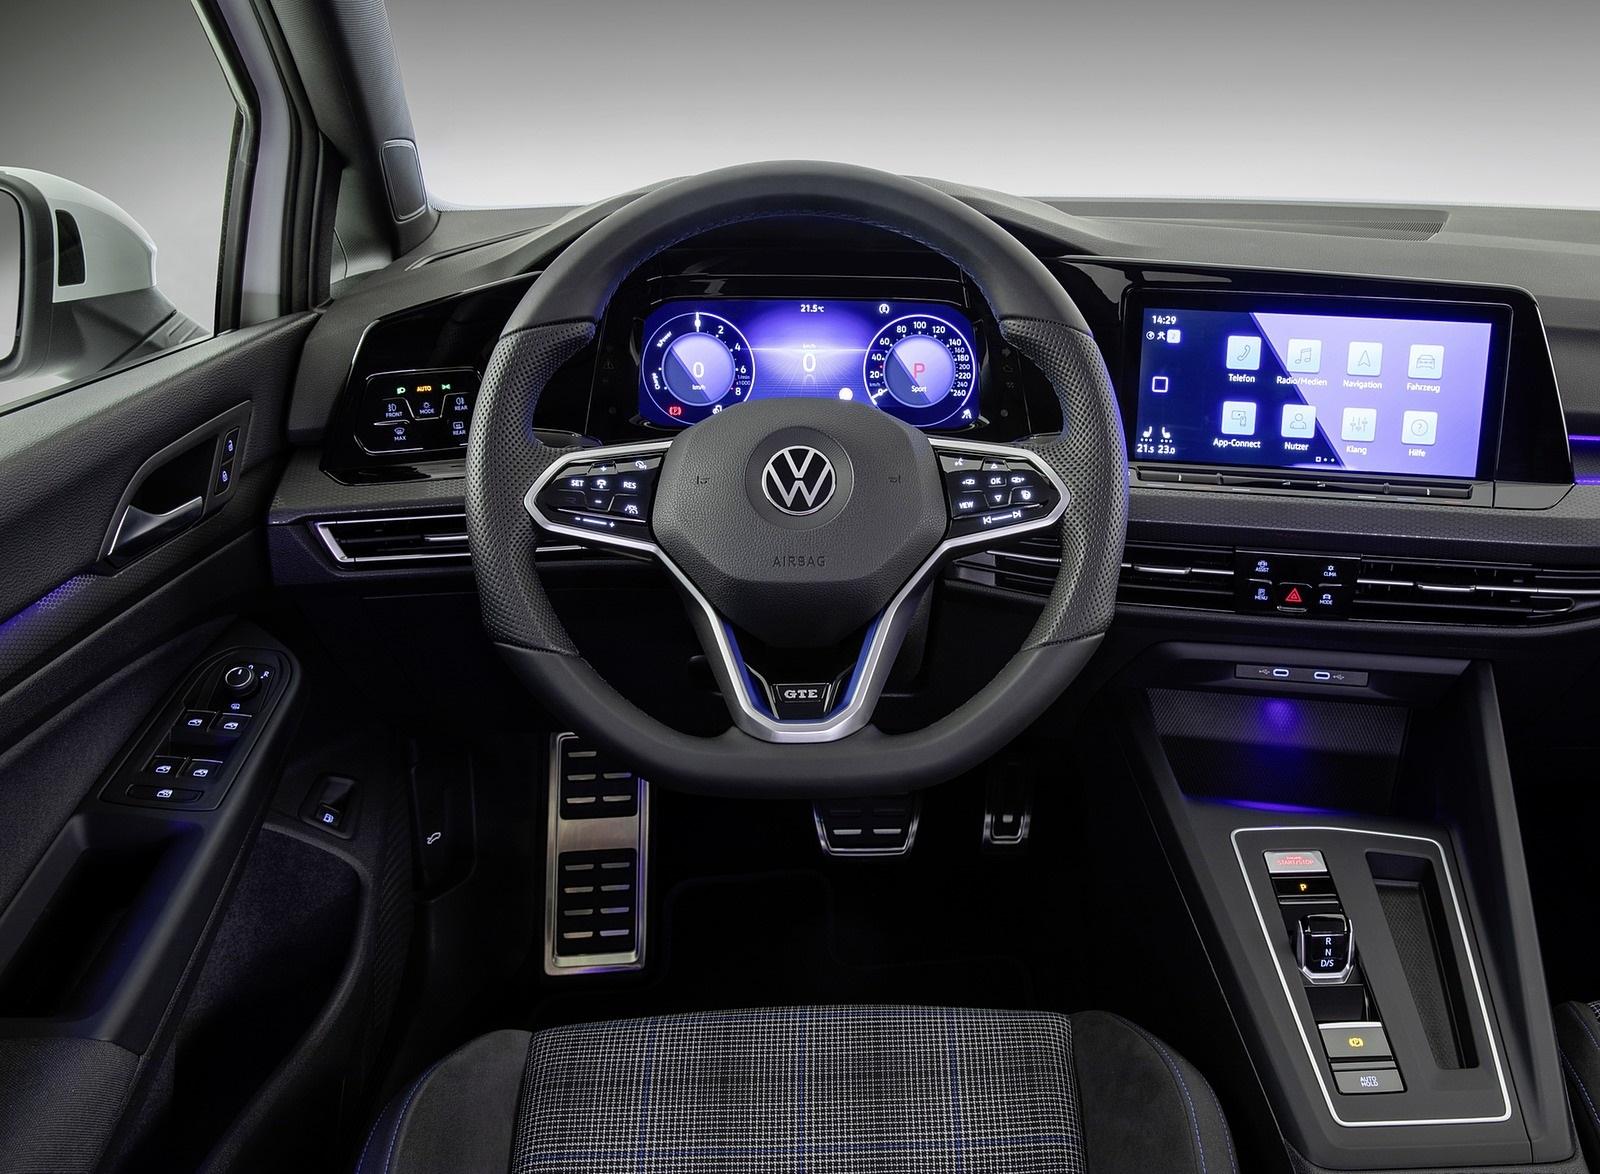 2021 Volkswagen Golf GTE Interior Cockpit Wallpapers #13 of 16